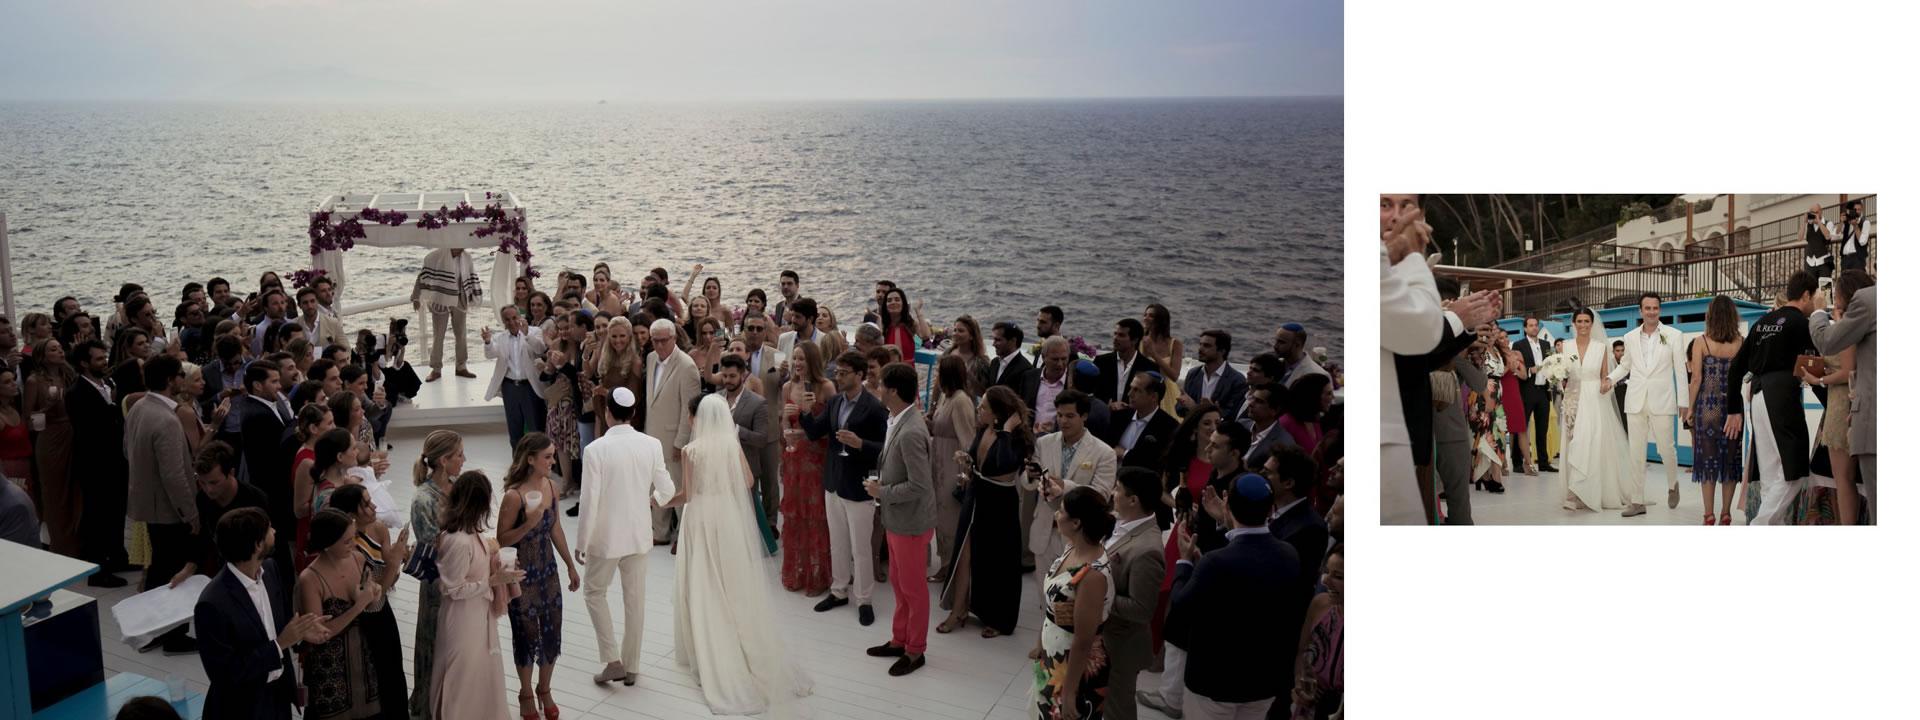 - 47 :: Jewish luxury wedding weekend in Capri :: Luxury wedding photography - 46 ::  - 47